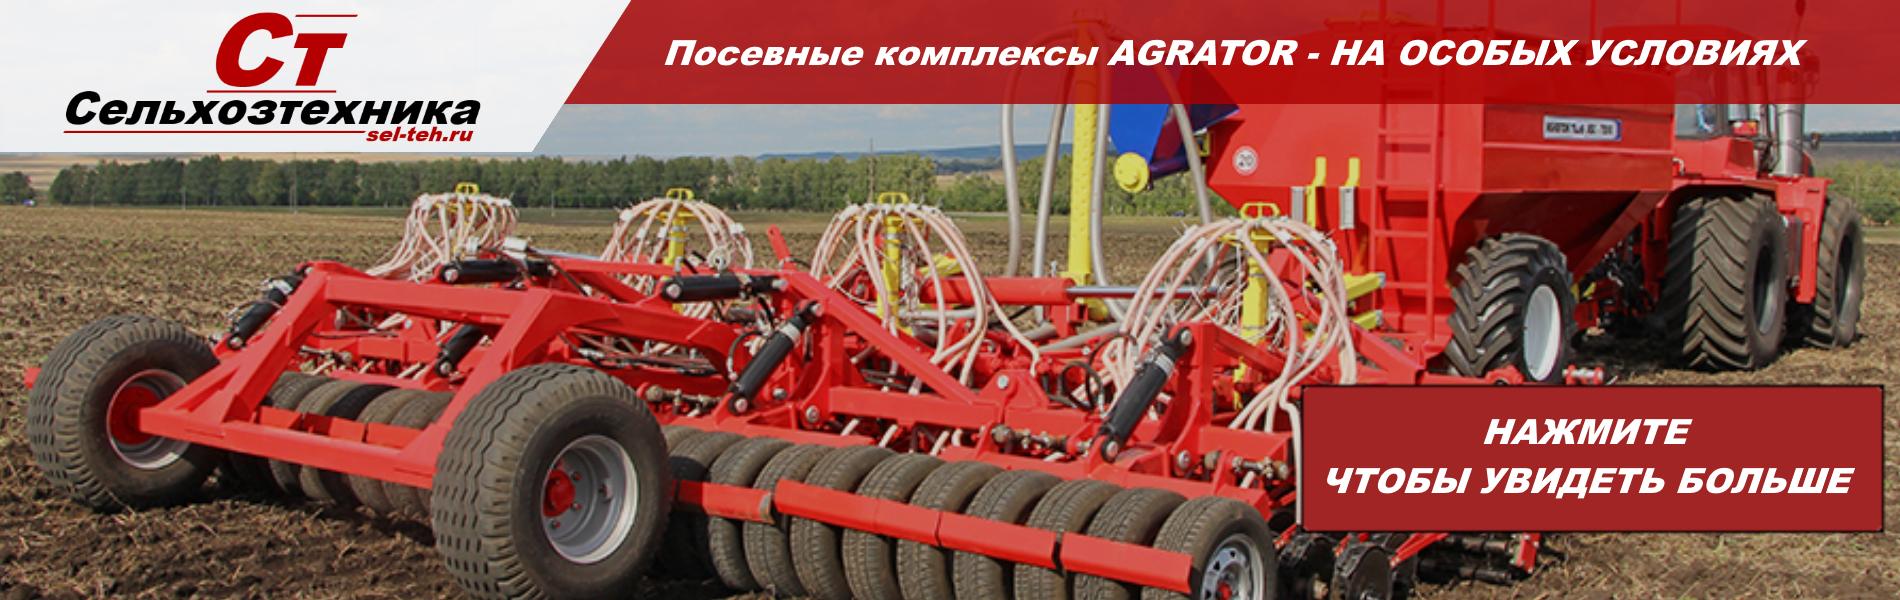 ПОСЕВНЫЕ КОМПЛЕКСЫ АГРАТОР | AGROMASTER